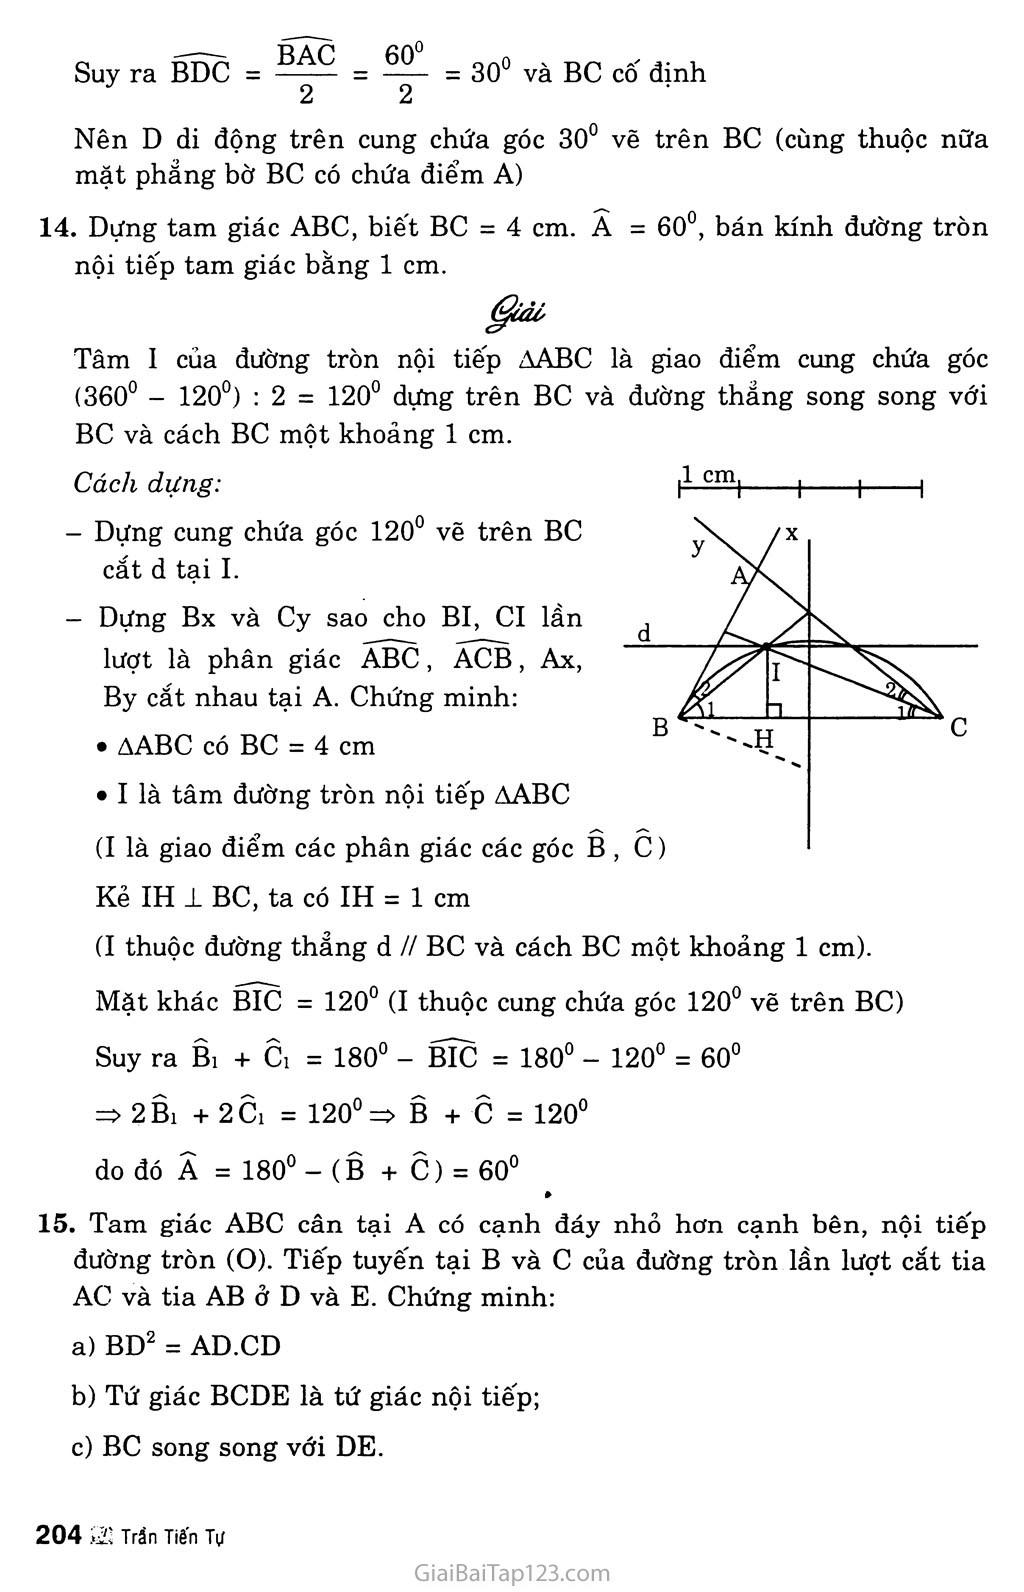 Bài tập ôn cuối năm trang 18